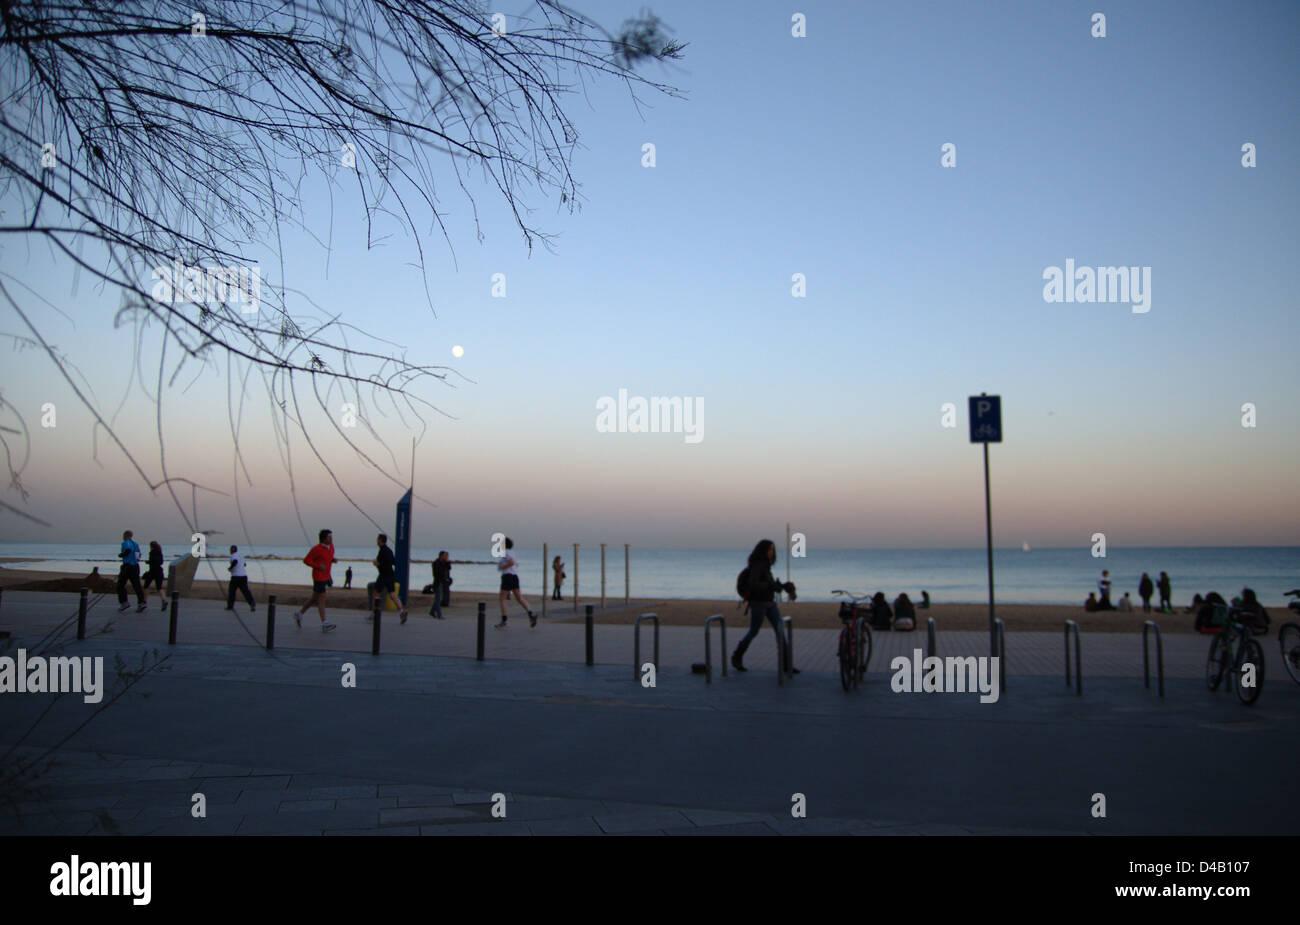 Ambient sulla spiaggia di Barcellona di notte. Le persone che eseguono presso il lungomare. Immagini Stock